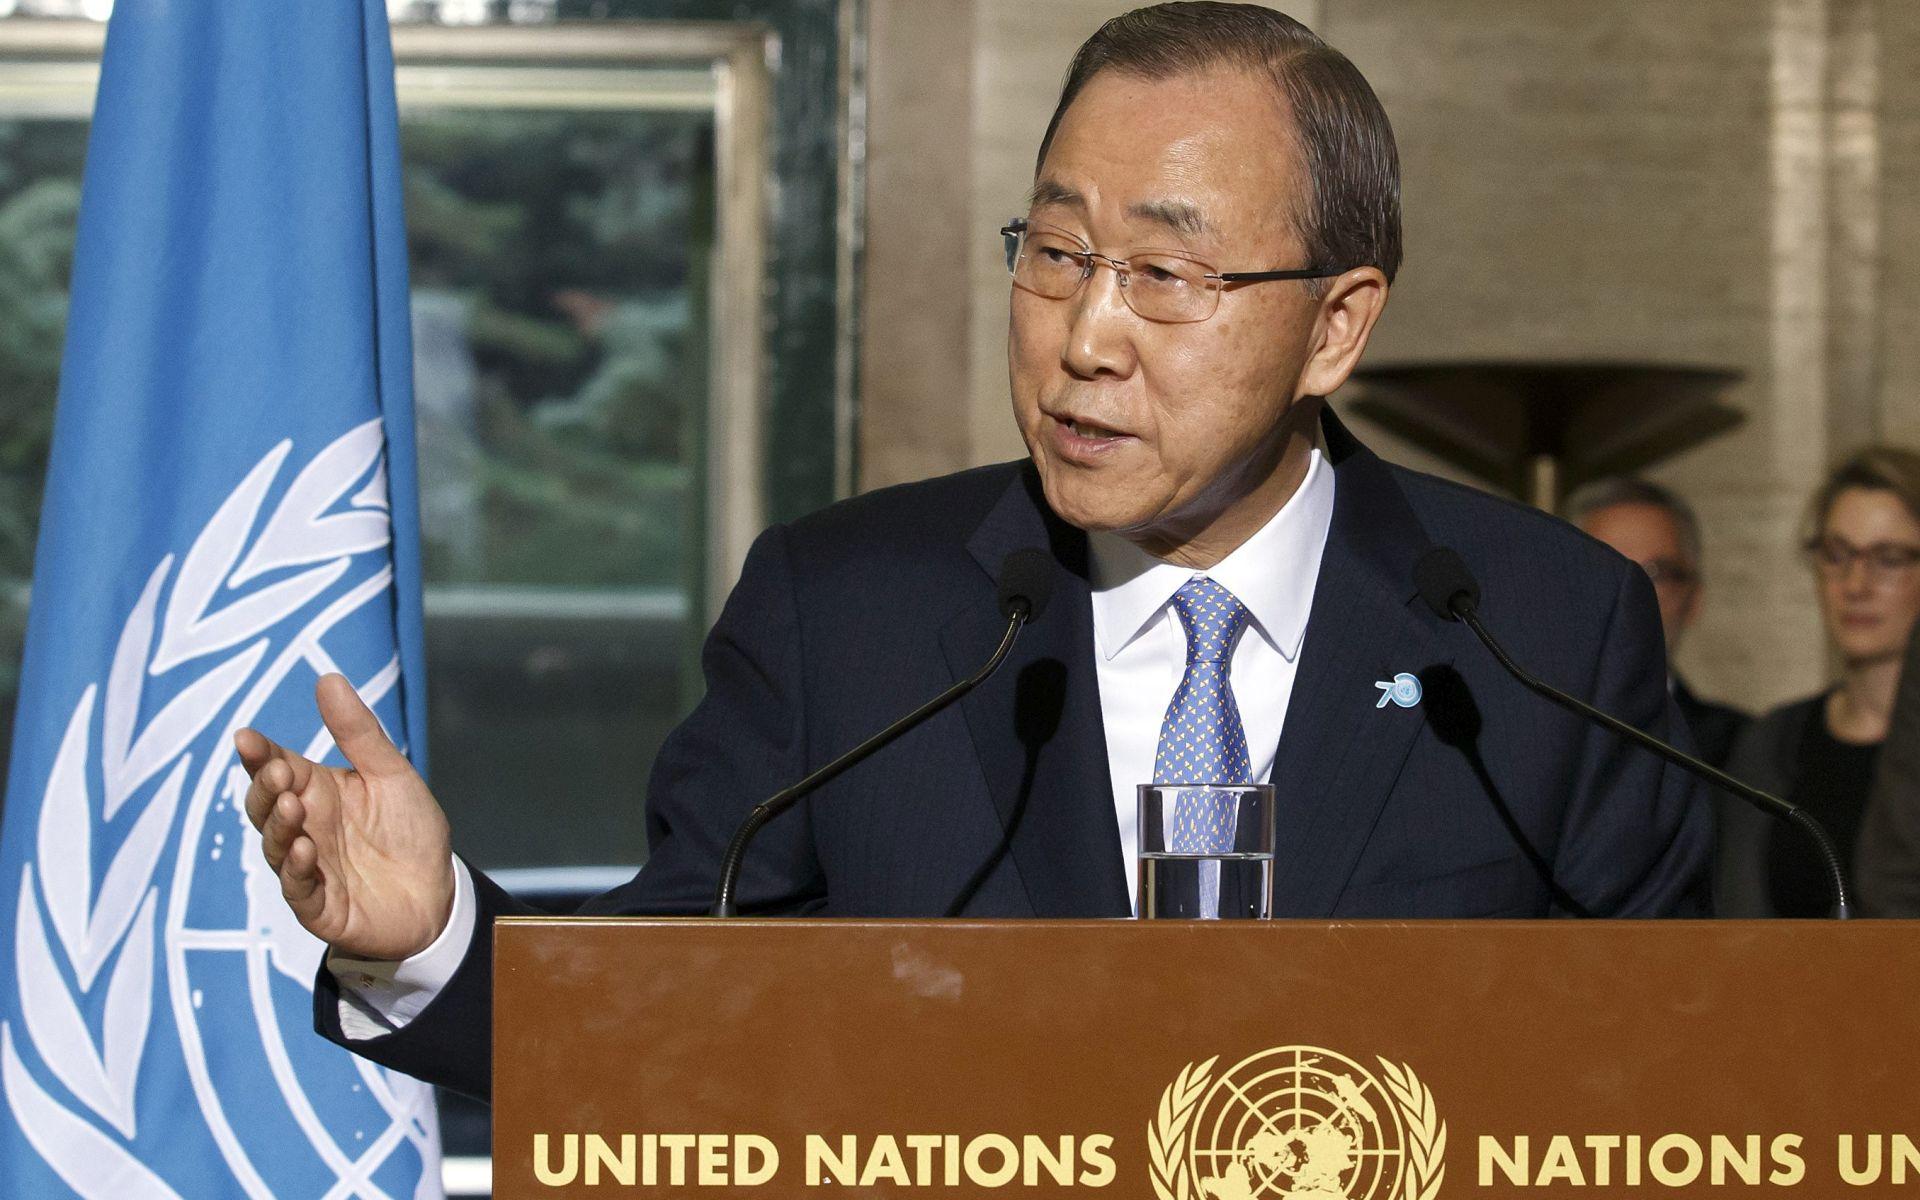 POZIVA NA MIR: Ban Ki-moon zgrožen pogubljenjima u Saudijskoj Arabiji